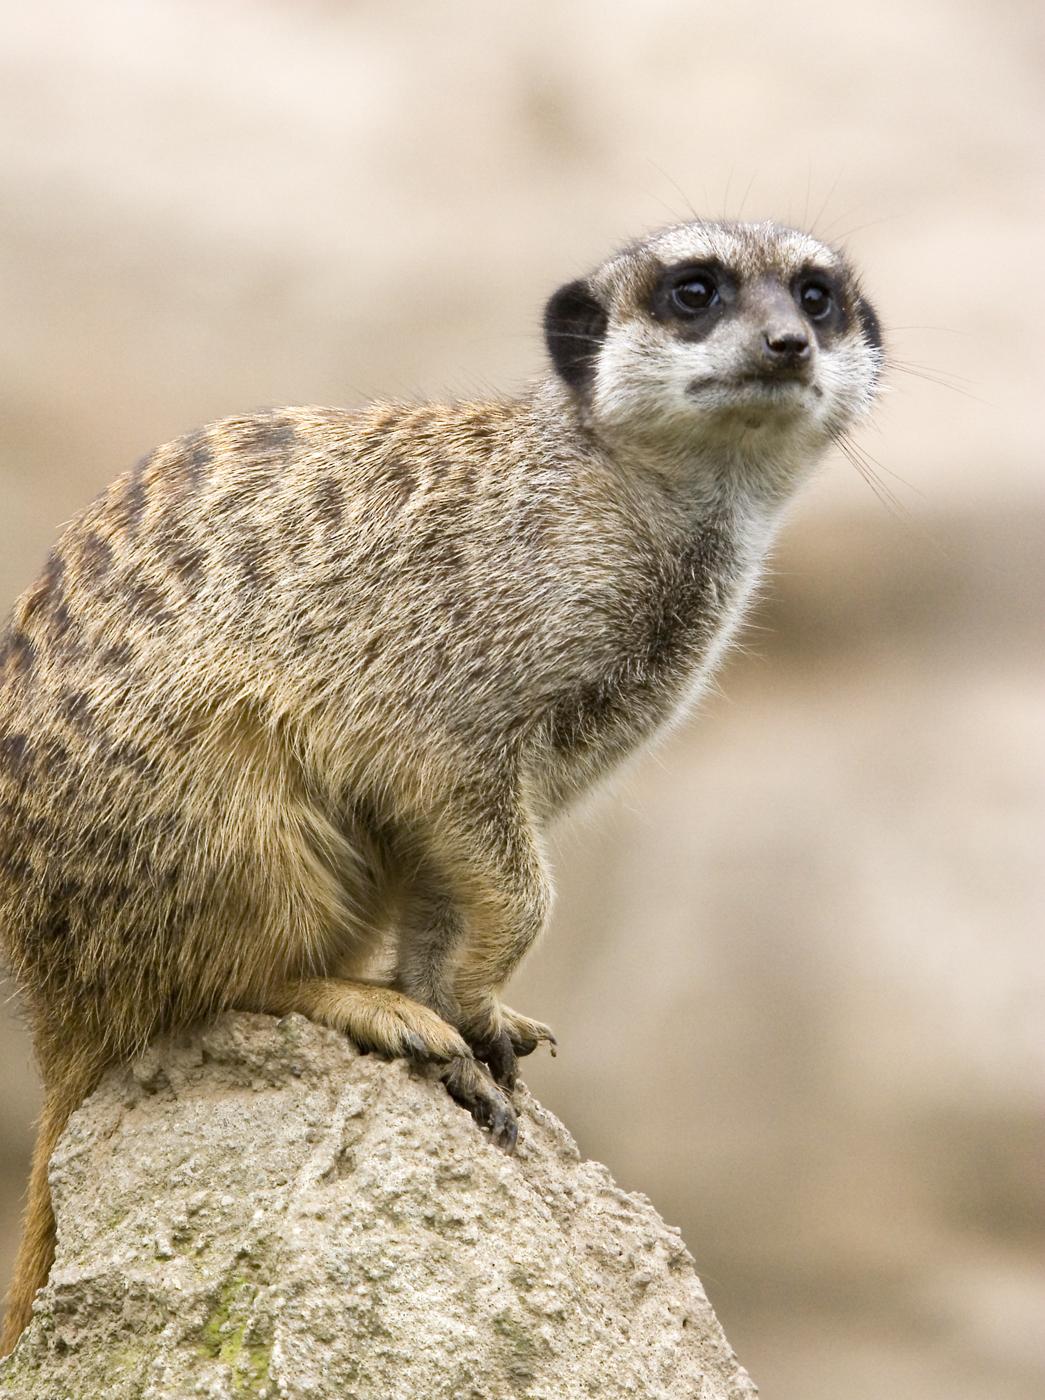 Imágenes de animales con información sobre ellos